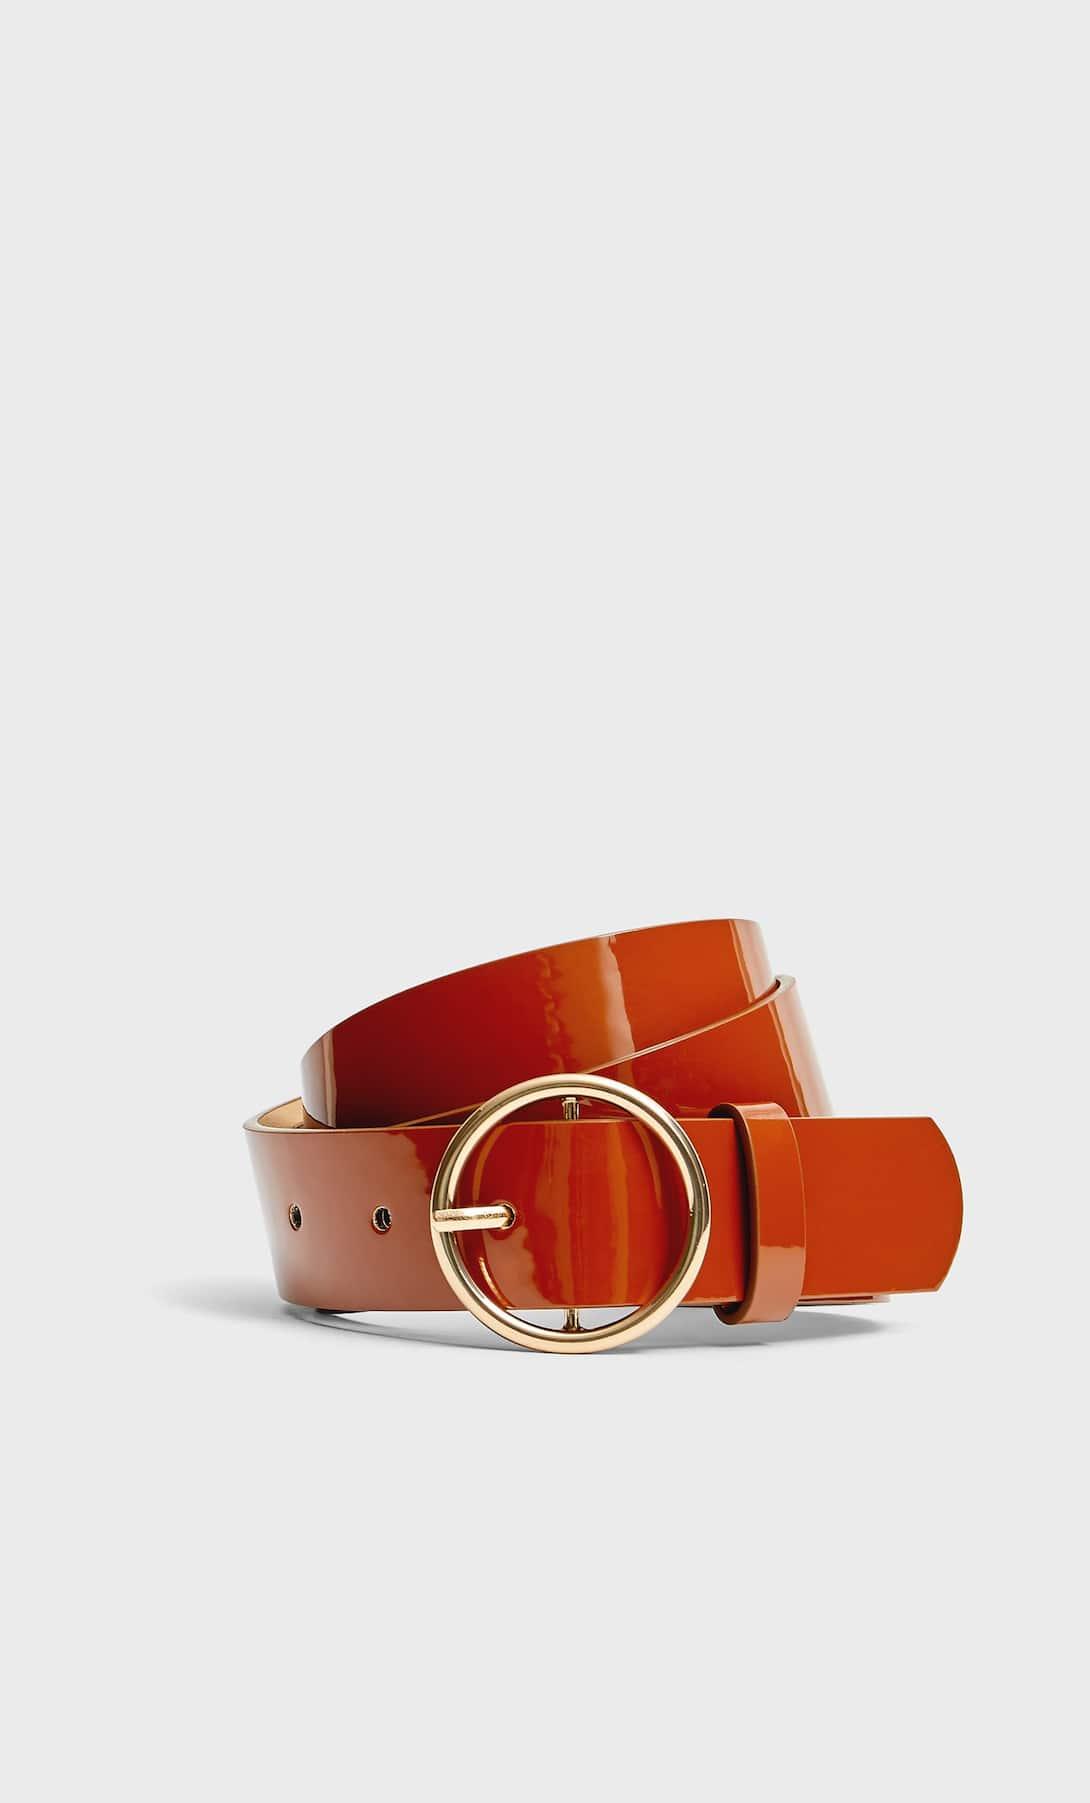 Stradivarius vende el vestido midi boho que más triunfa este otoño por menos de 30 euros